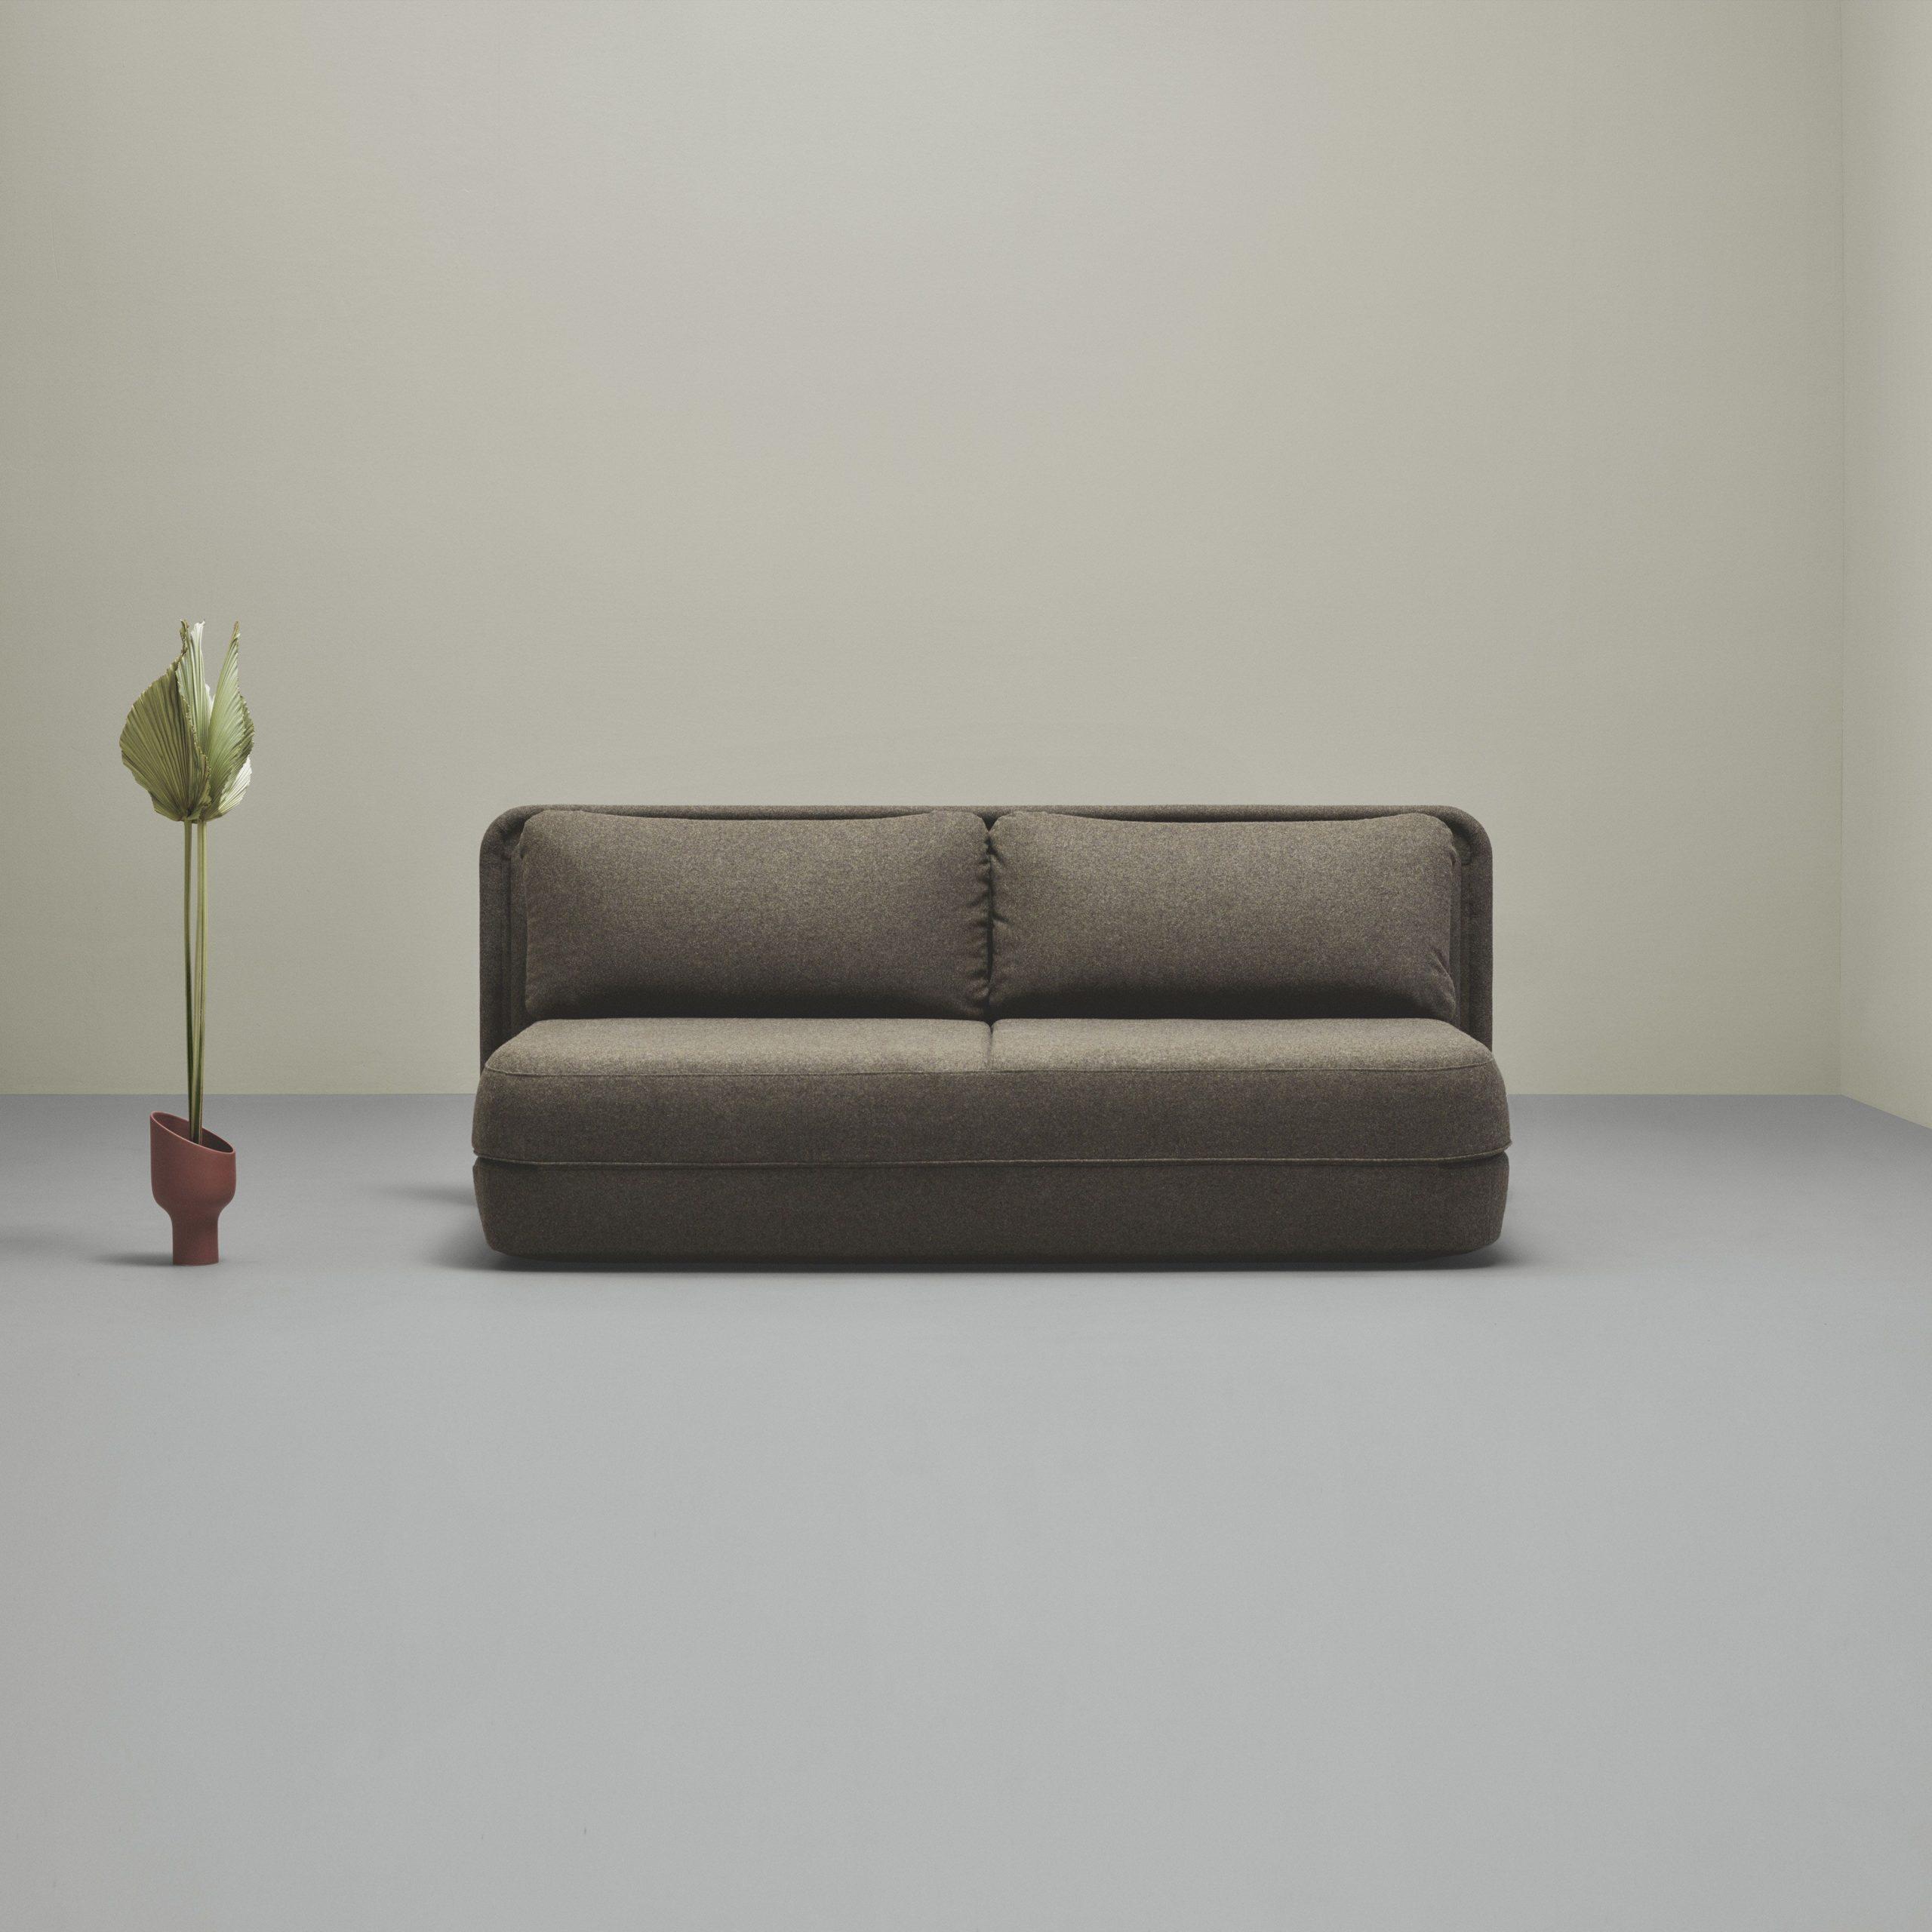 Sofie Daybed. Designedhertel & Klarhoefer (View 22 of 25)